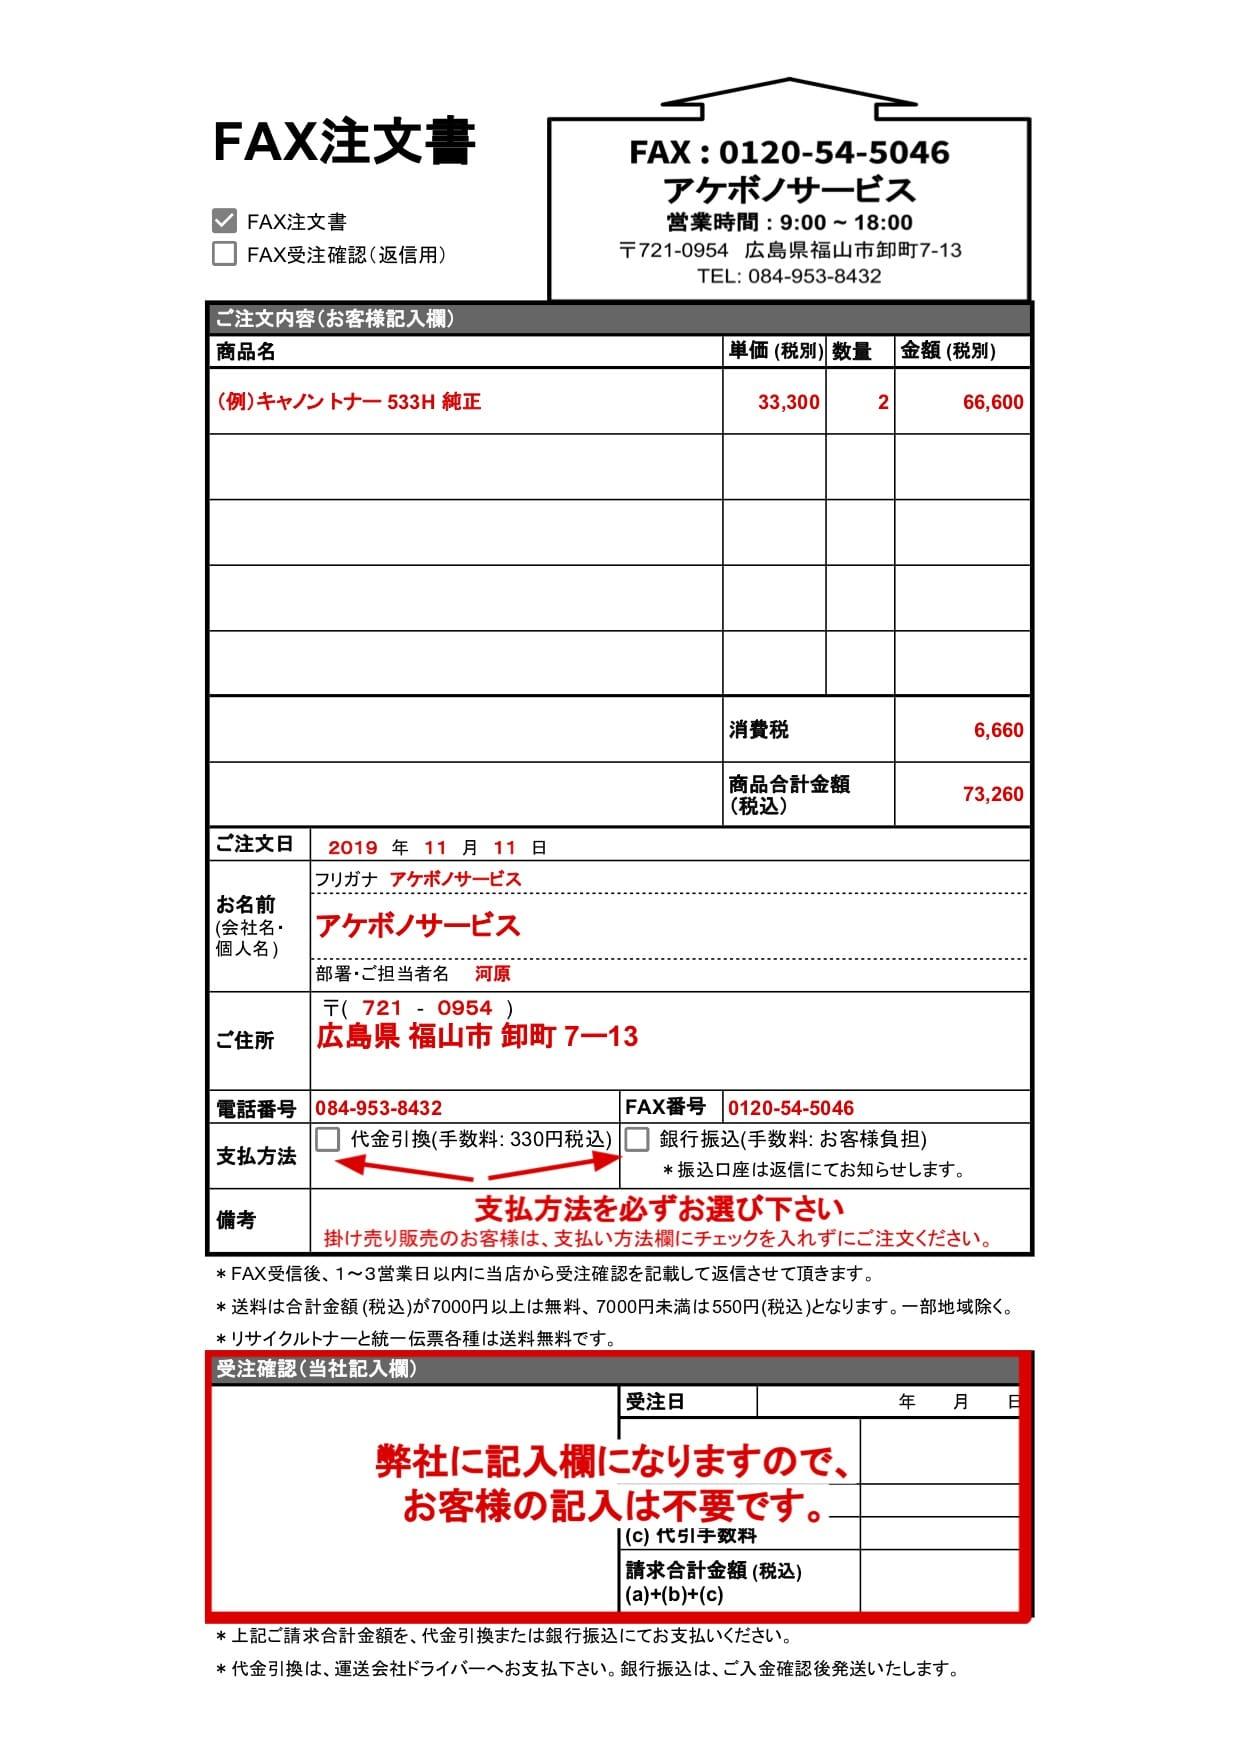 FAX注文用紙 記入例